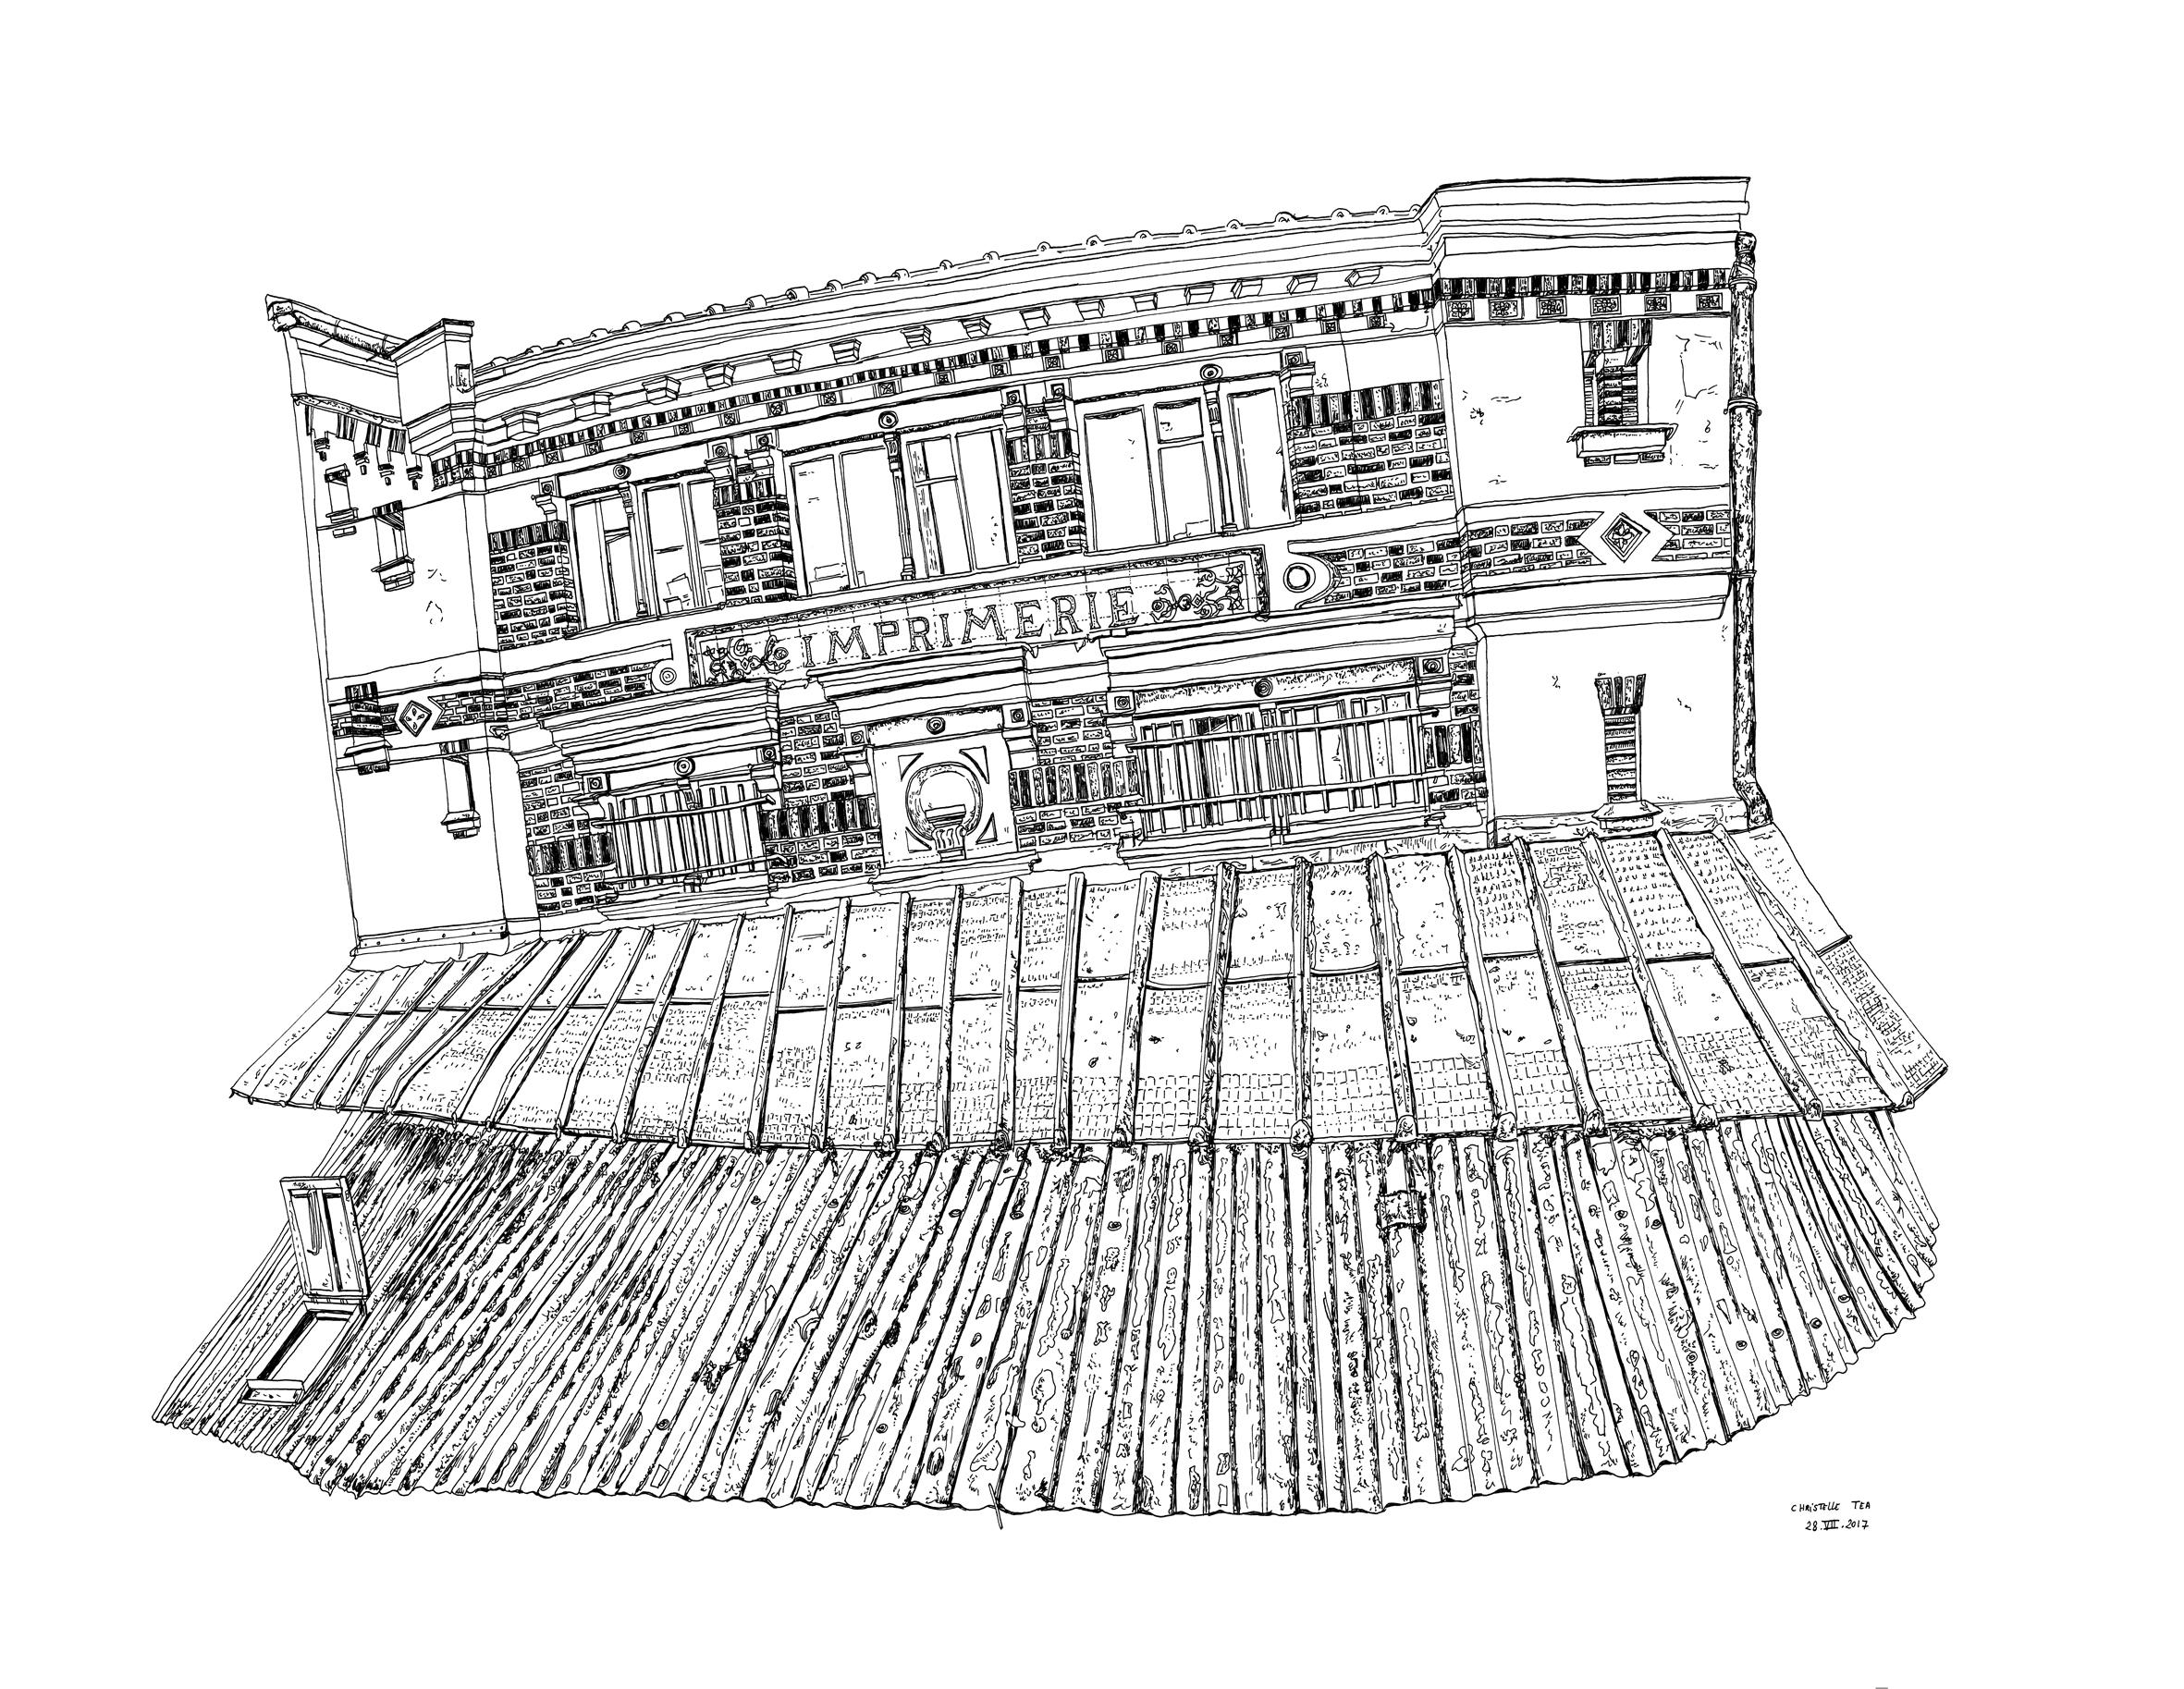 """La galerie Item présente l'exposition """" L'ATELIER À MAIN LEVÉE"""" , dans laquelle l'artiste  Christelle Téa  présente 22 dessins originaux, qui ont pour thème l'atelier Idem Paris.  Parmi ses 22 dessins, 12 ont été sélectionnés et édités en lithographies à 40 exemplaires.  Galerie Item (51 rue du Montparnasse, 75014 Paris, Lundi - Samedi, de 11h à 19h)"""